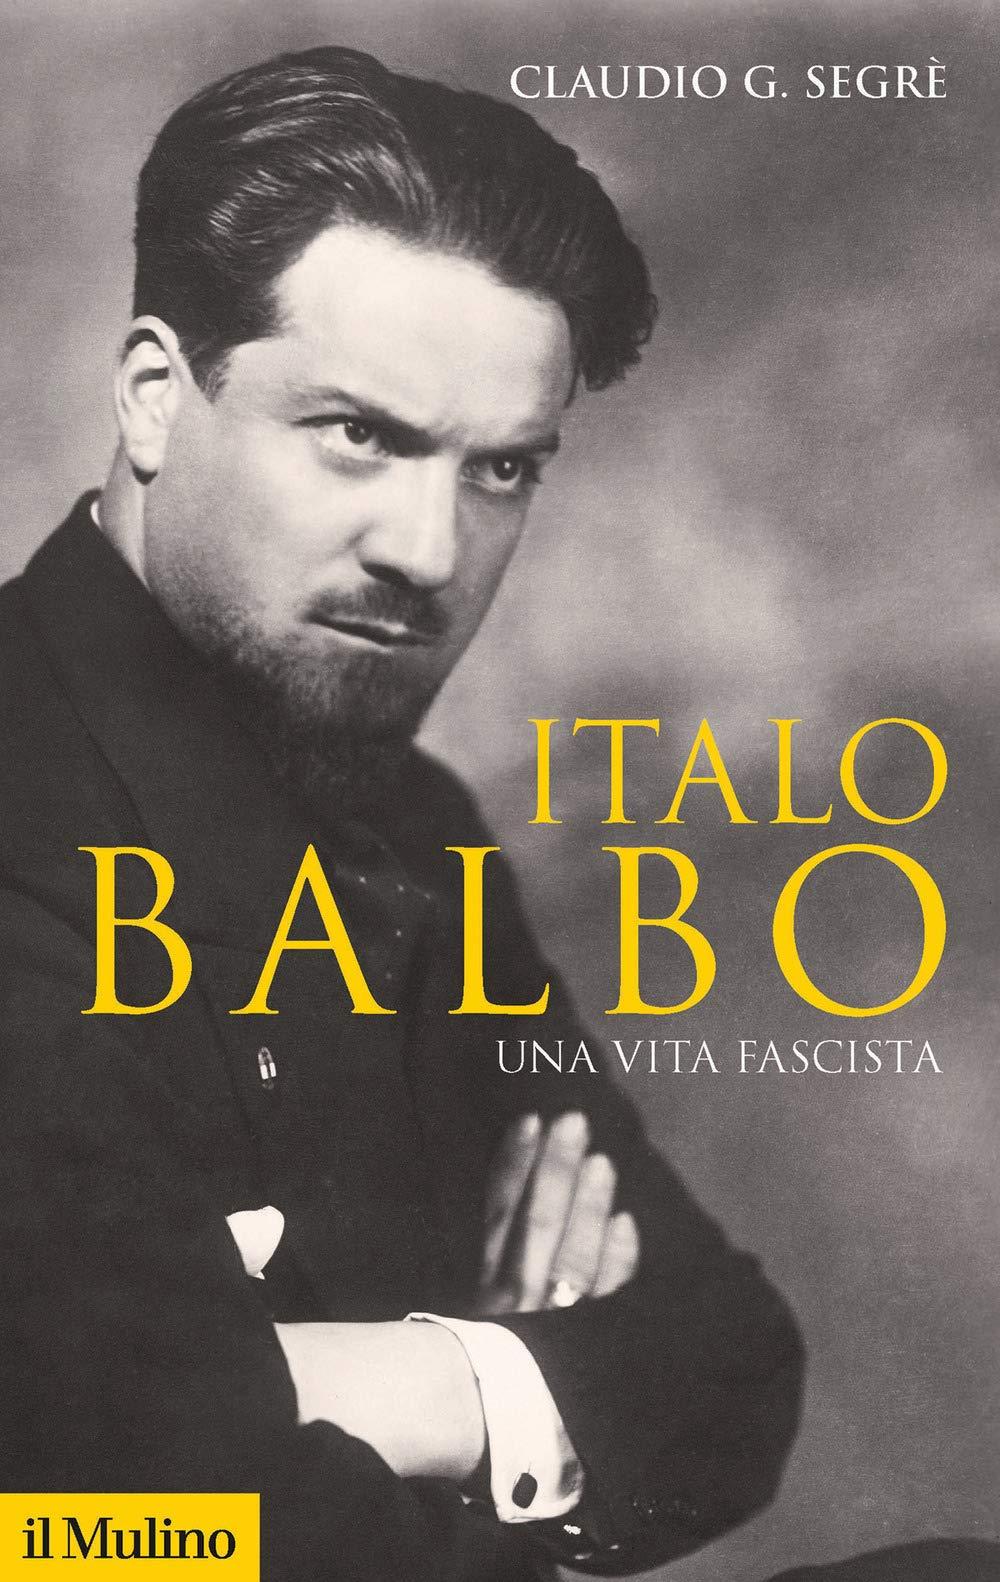 Recensione di Italo Balbo – Claudio G. Segrè